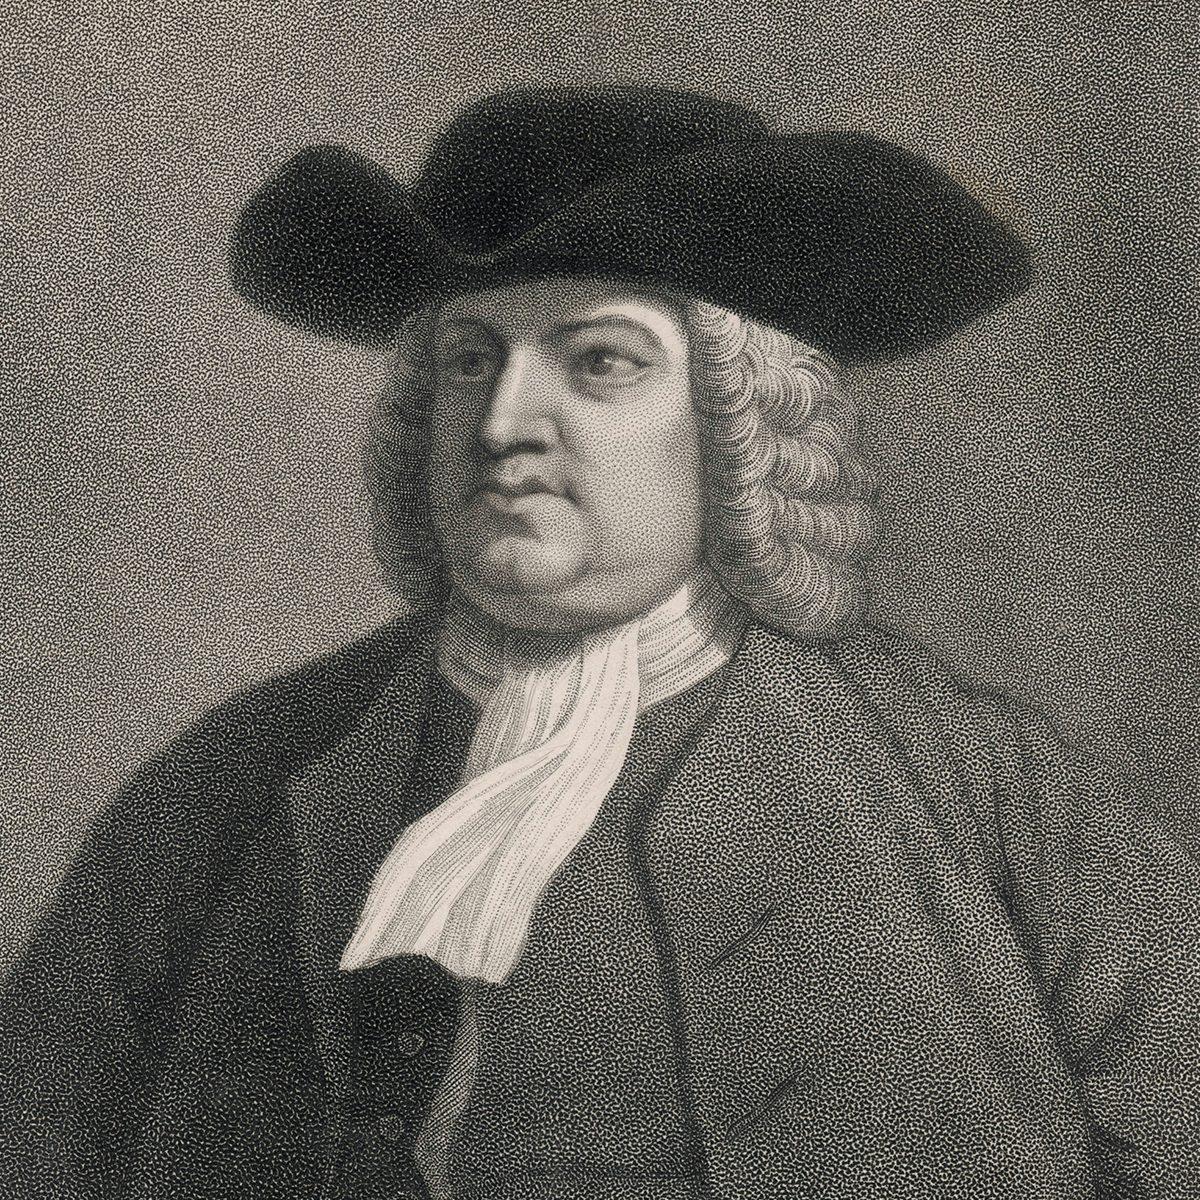 Quaker Oats Man